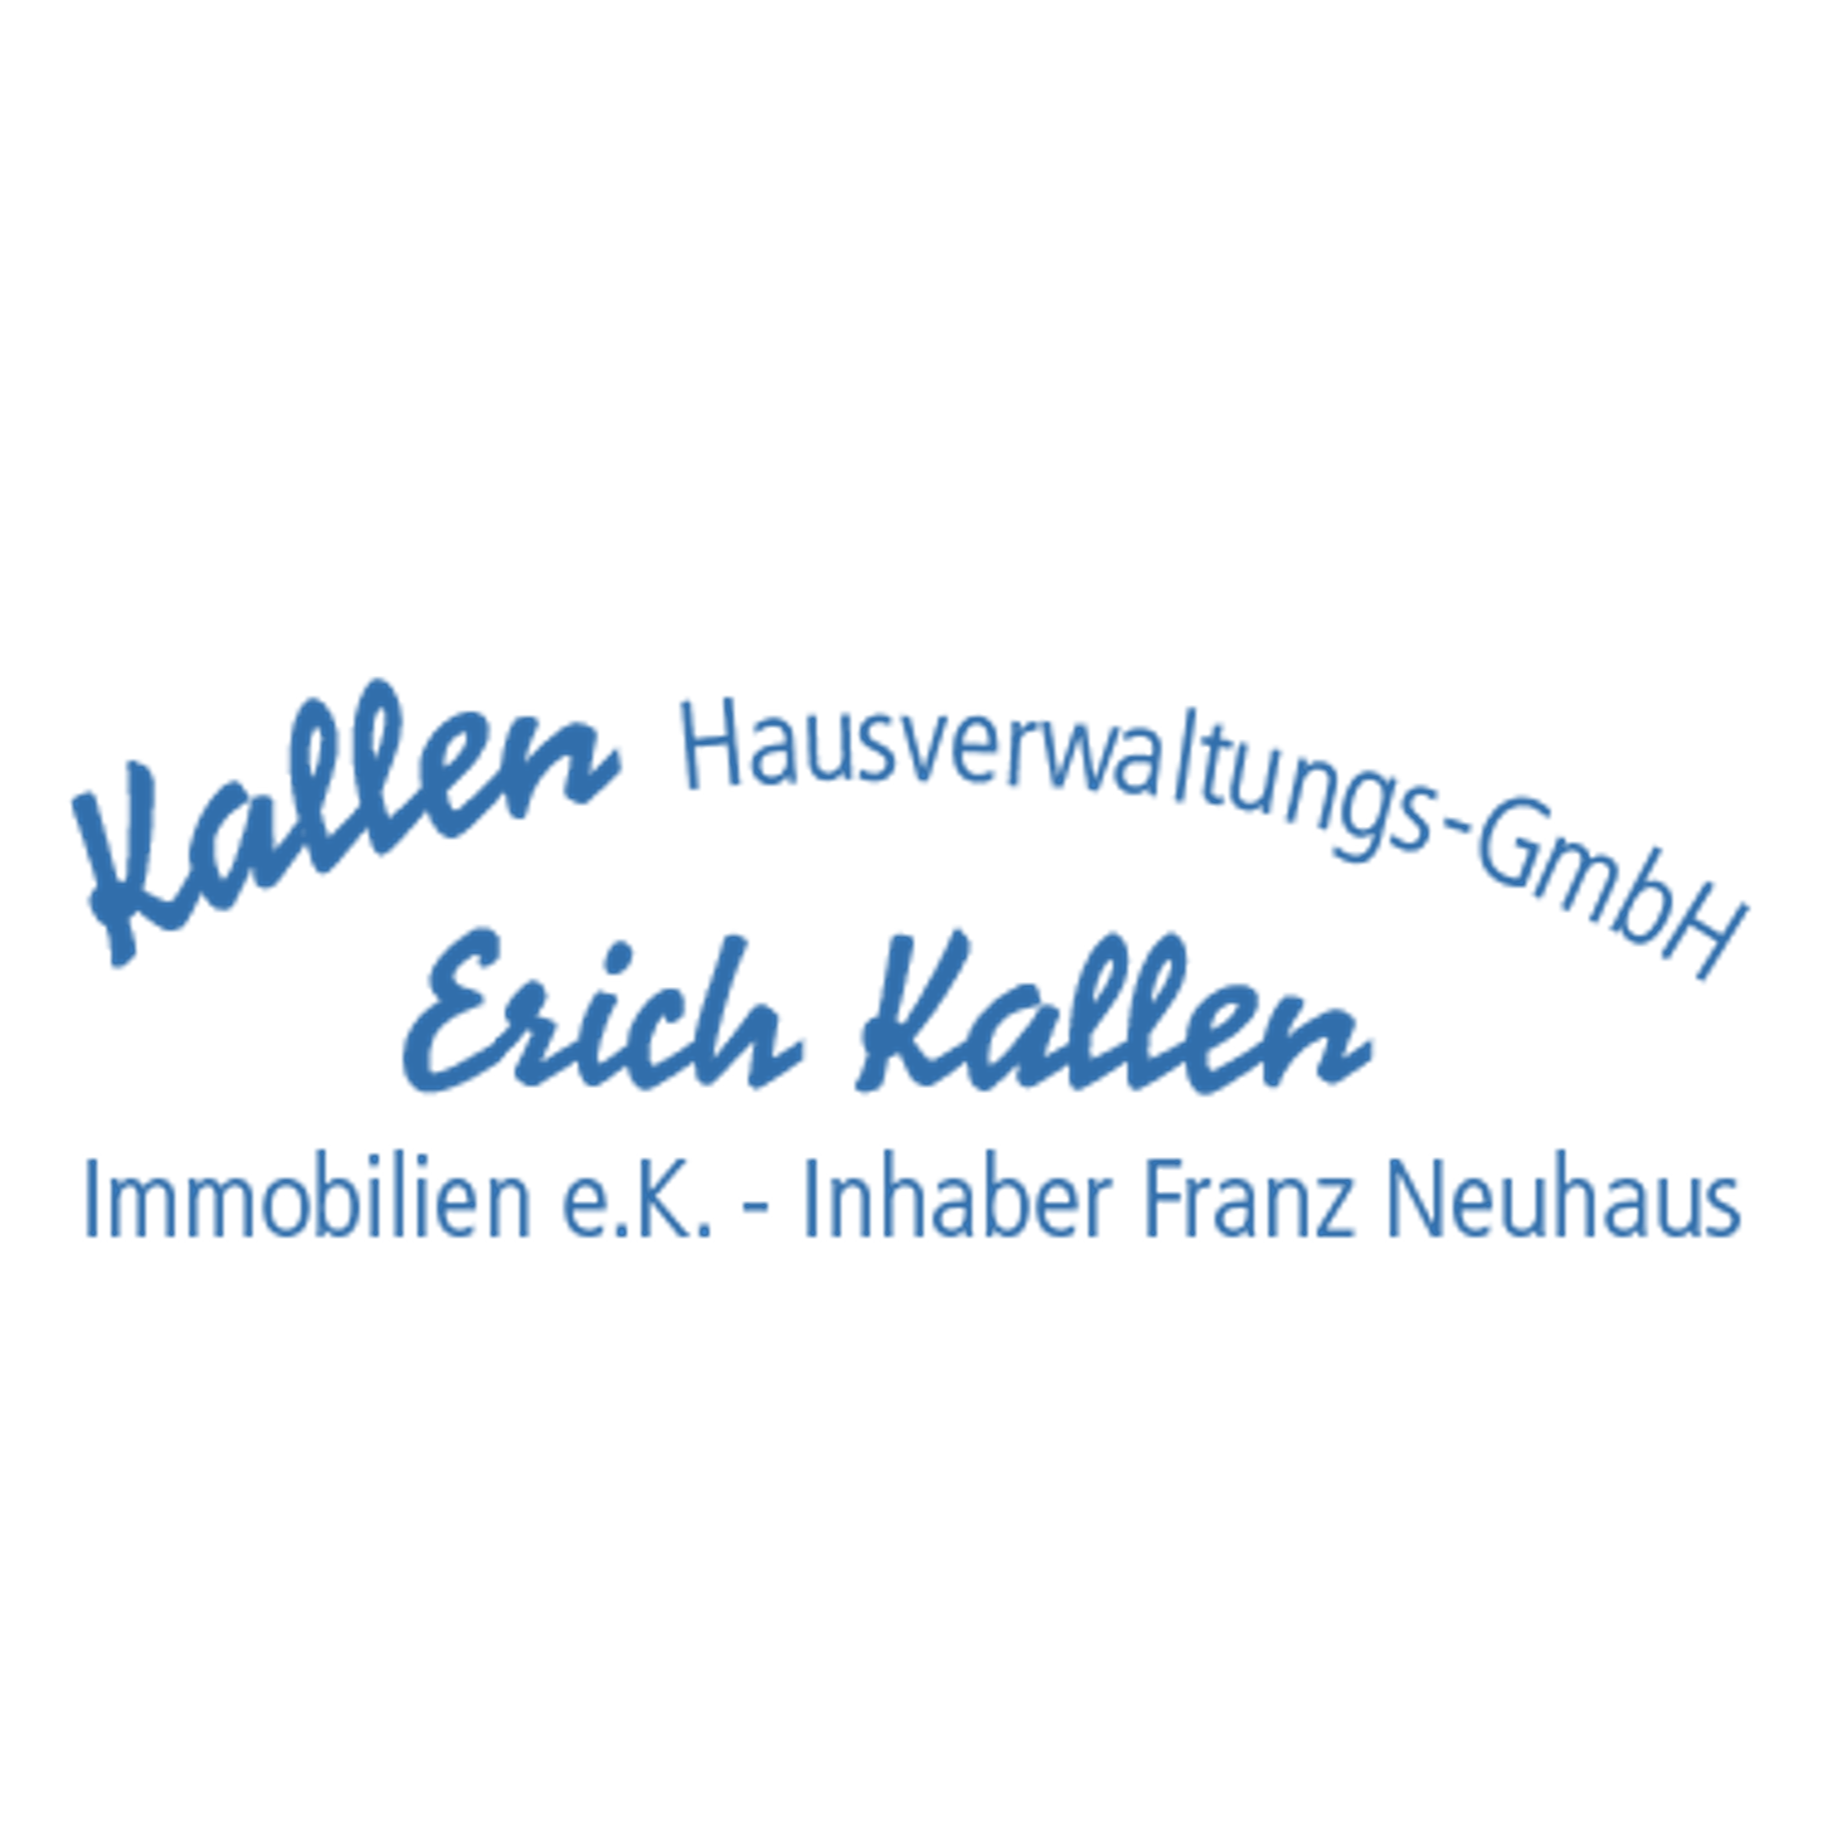 Kallen Hausverwaltungs-GmbH